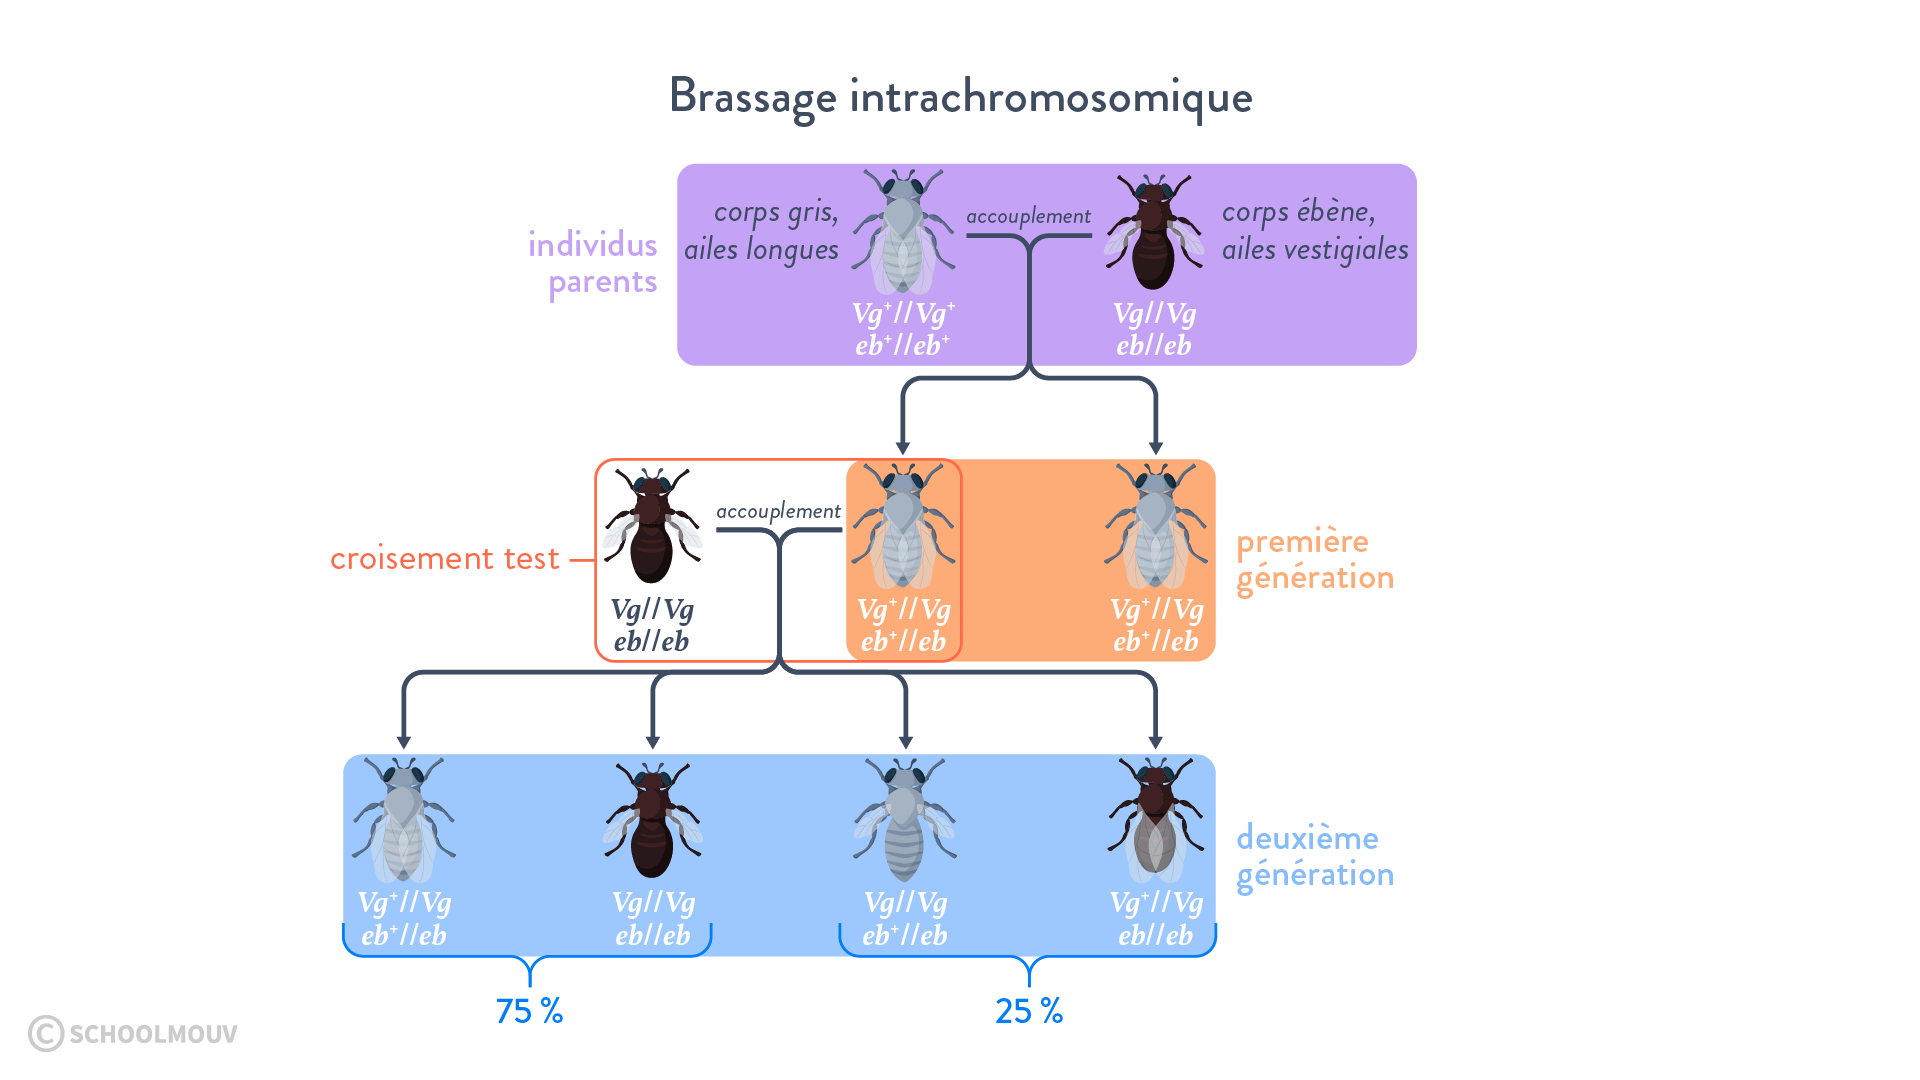 Croisement de drosophiles: mise en évidence du brassage intrachromosomique